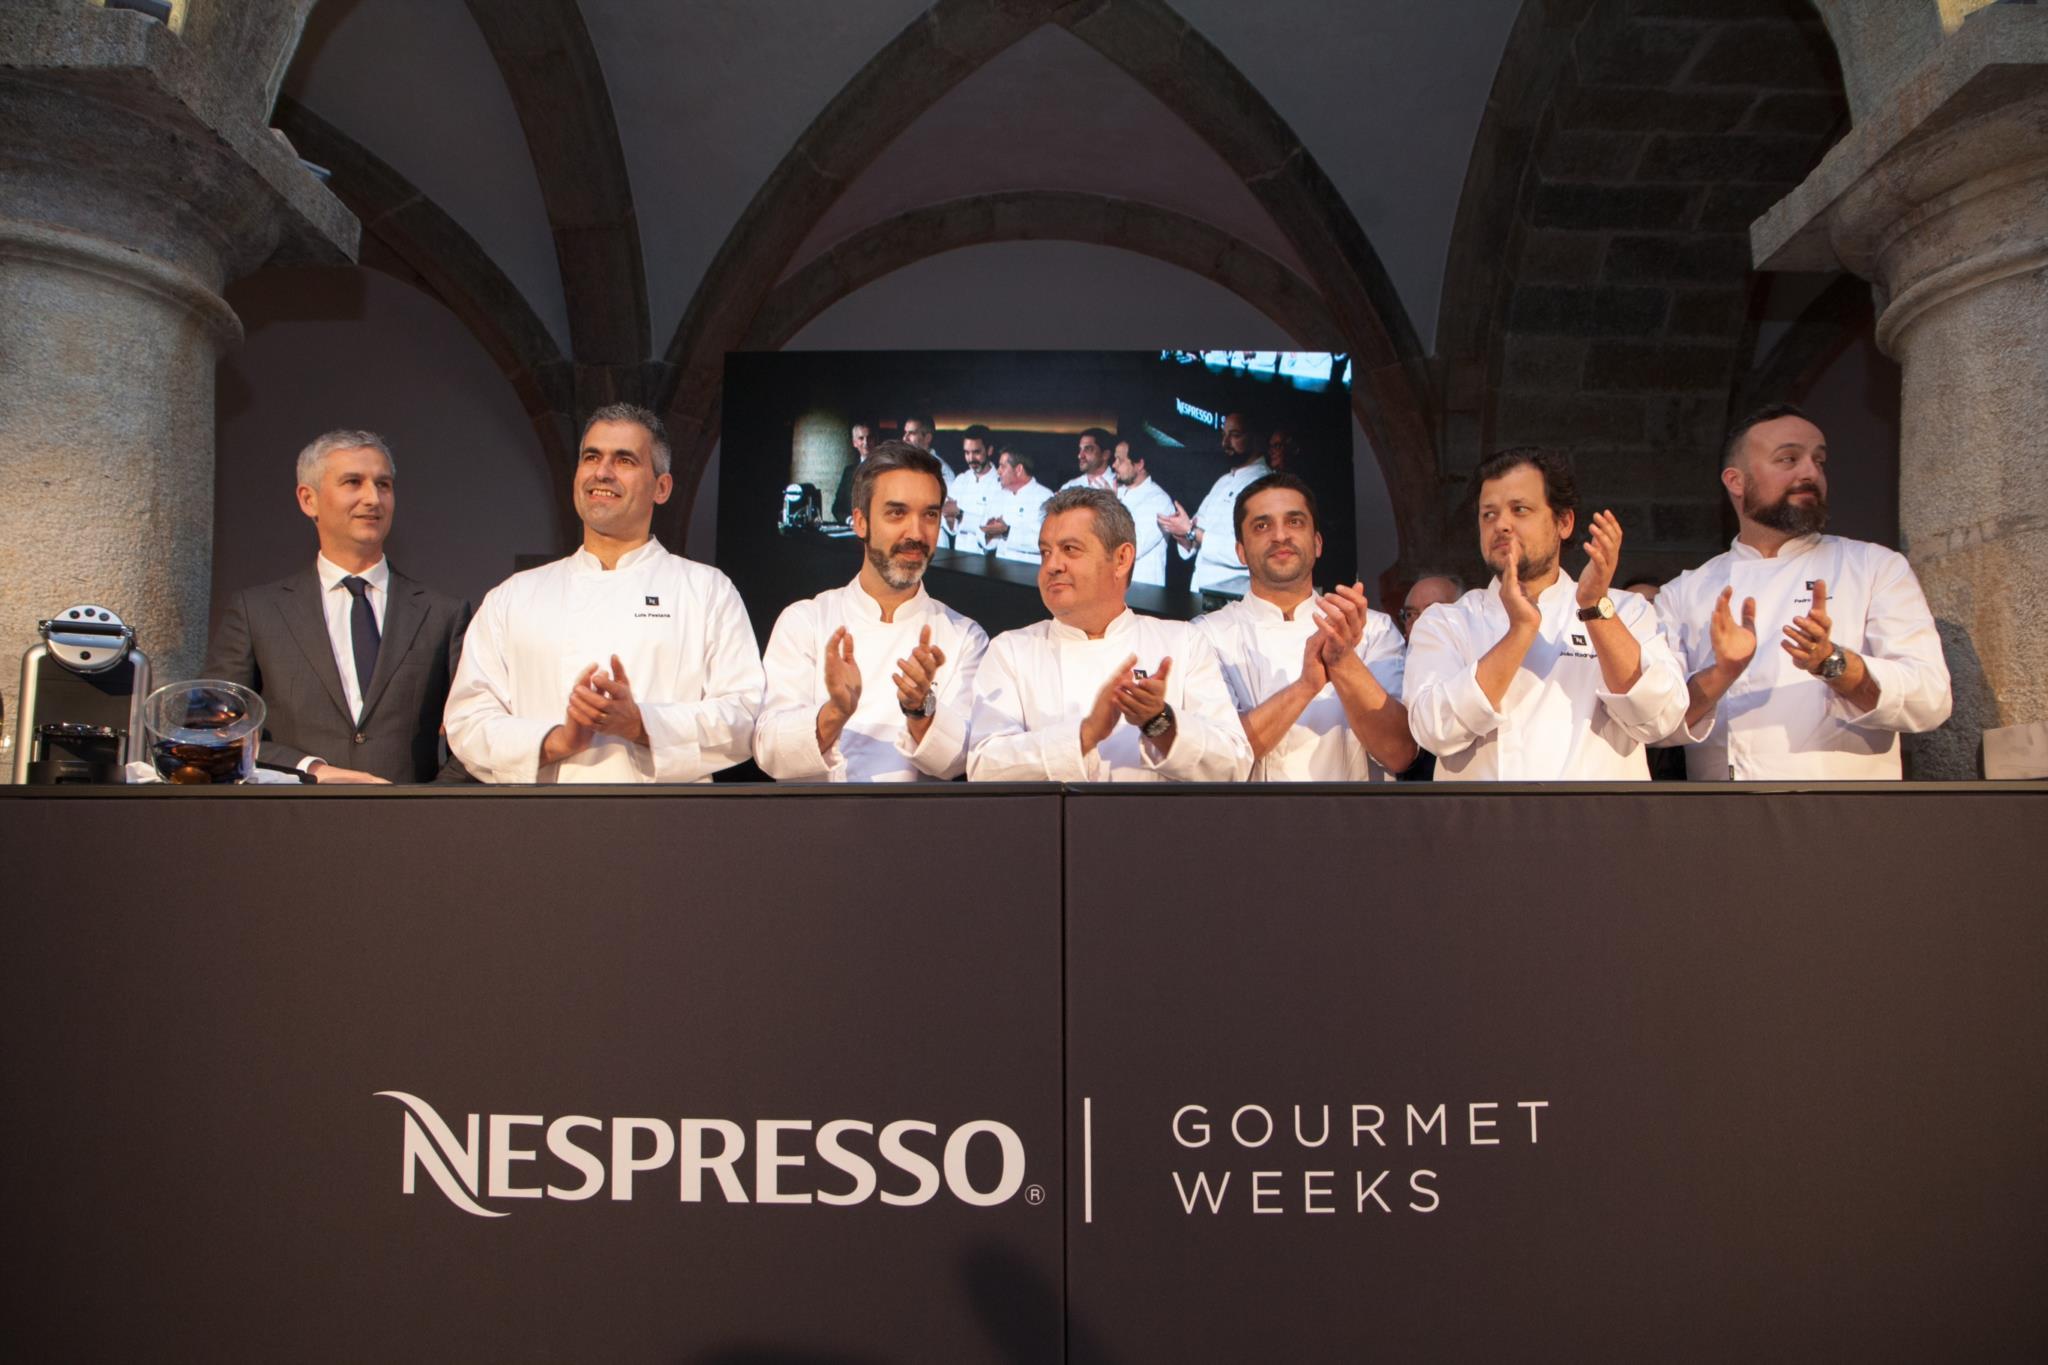 Comer café é a sugestão dos chefs com estrela Michelin